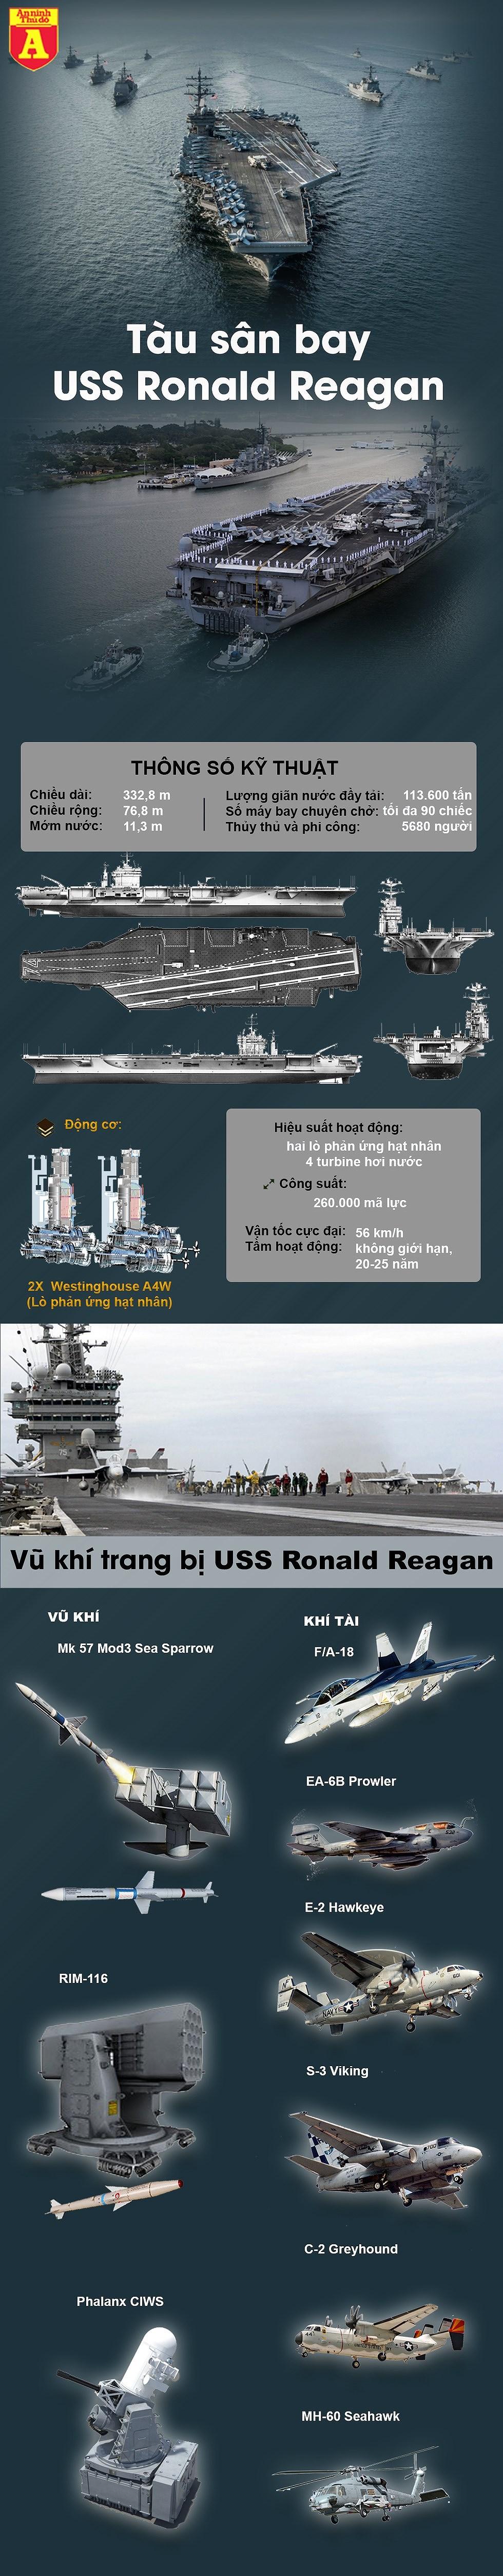 [Infographic] Sau khi tập trận trên biển Đông, siêu tàu sân bay Mỹ tiếp tục đến Philippines - Ảnh 1